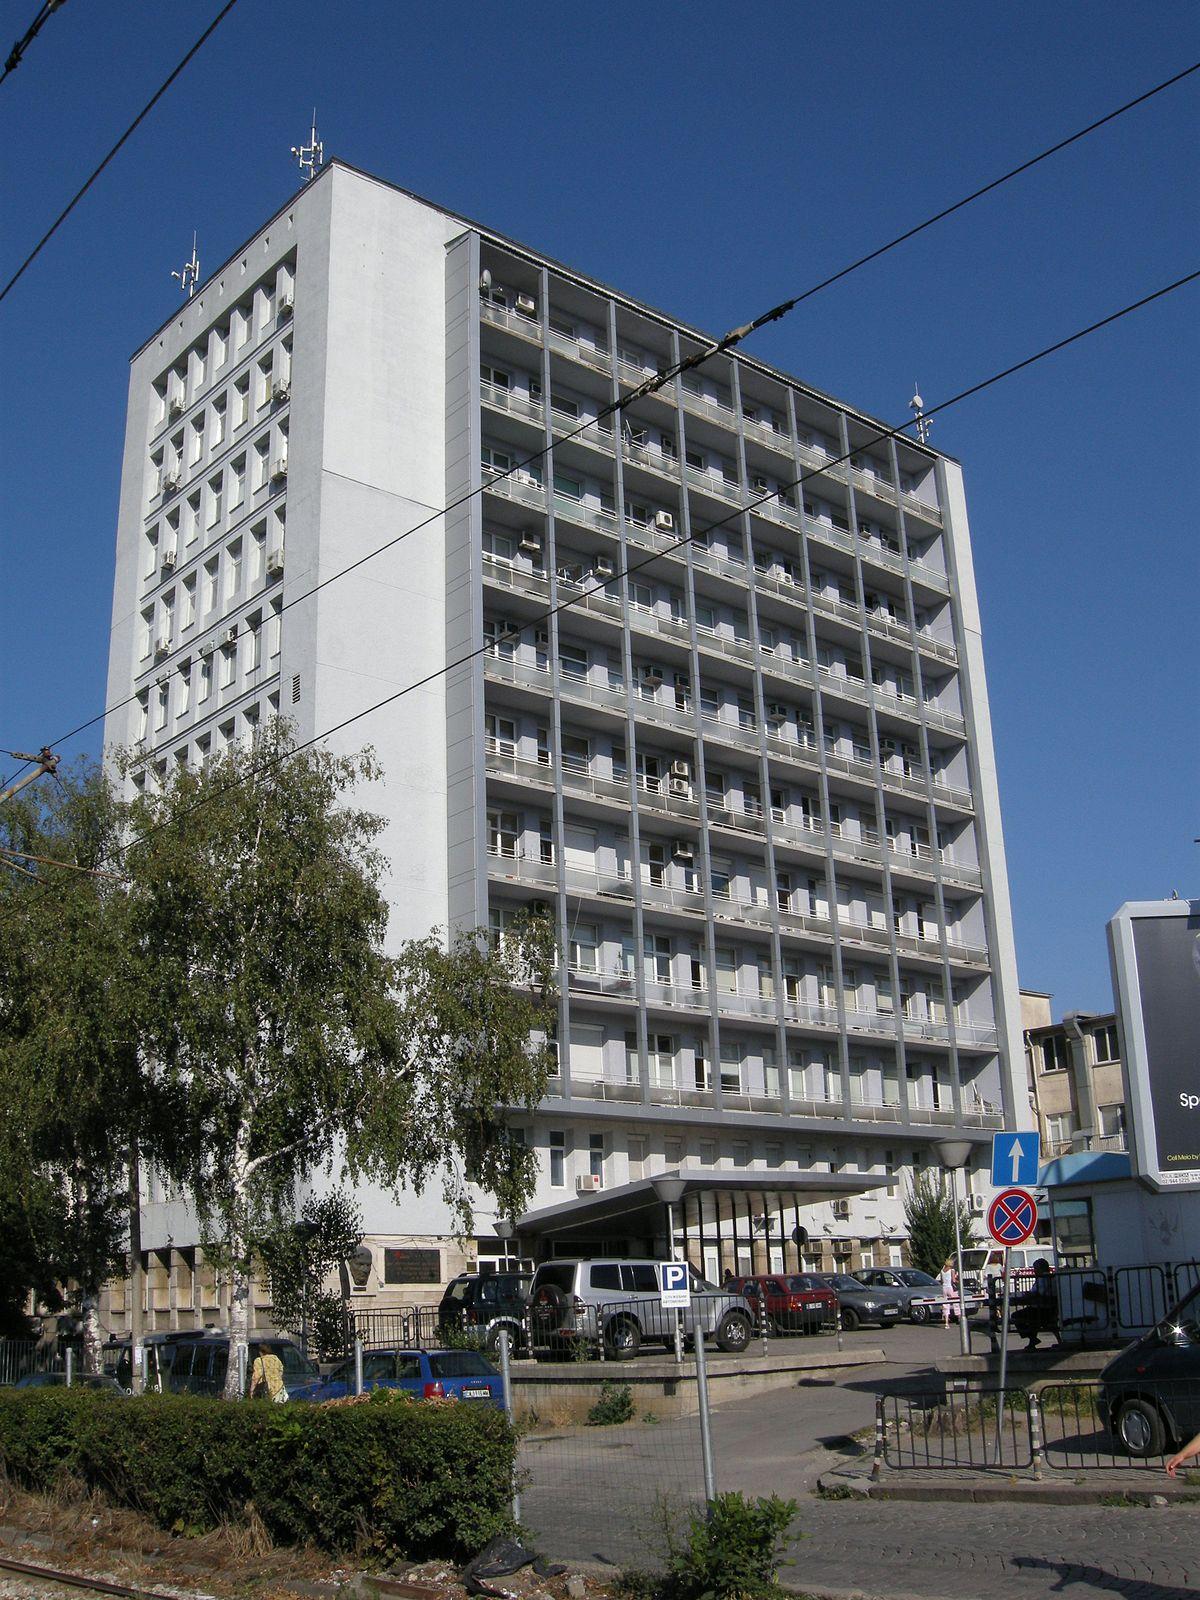 Pirogov Bolnica Uikipediya